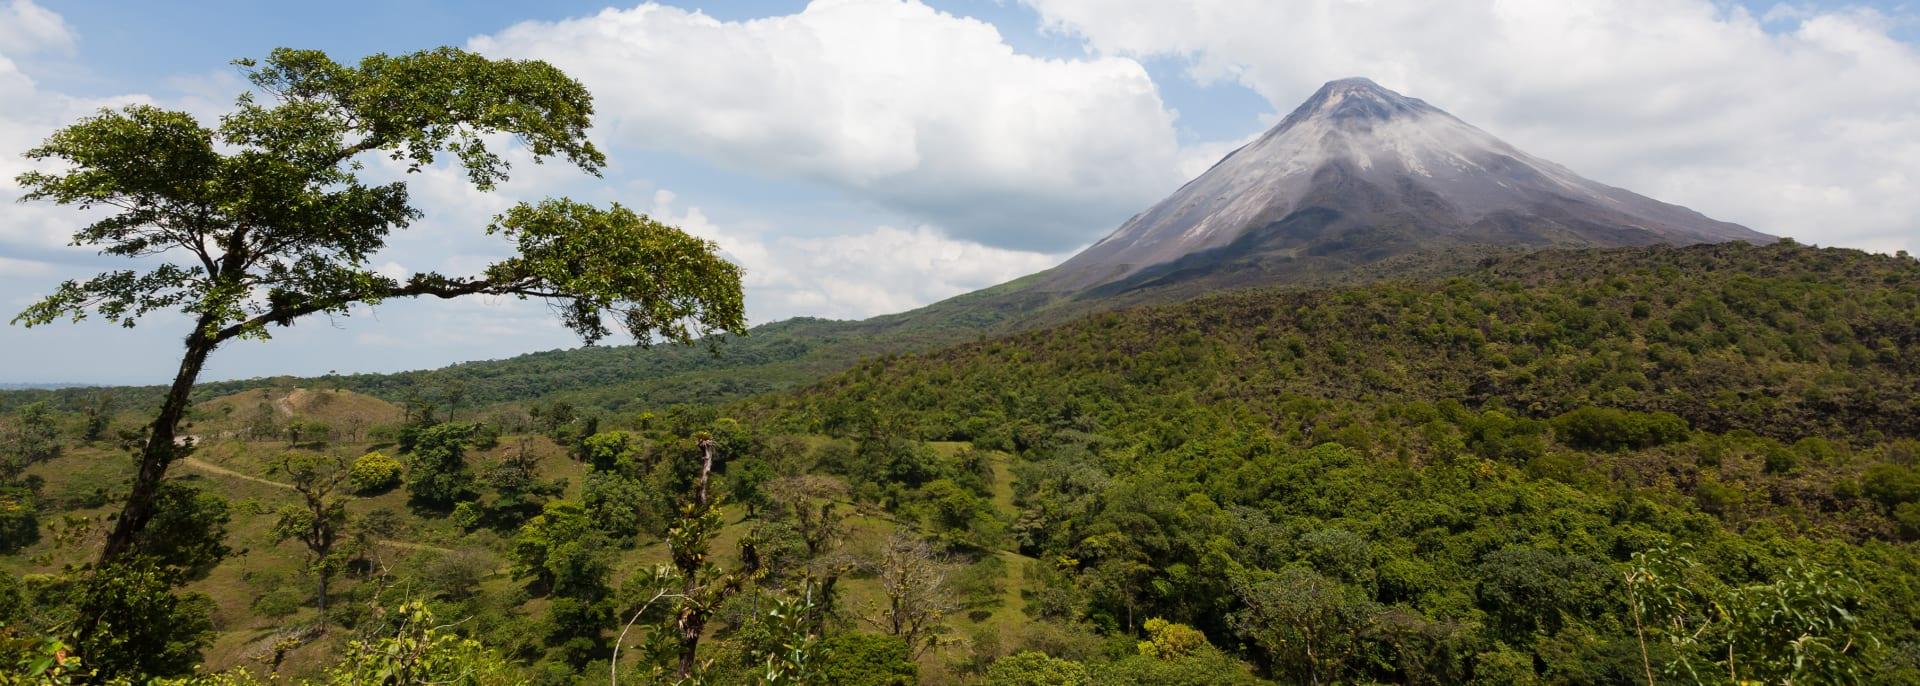 Rincon de la Vieja Nationalpark, Costa Rica